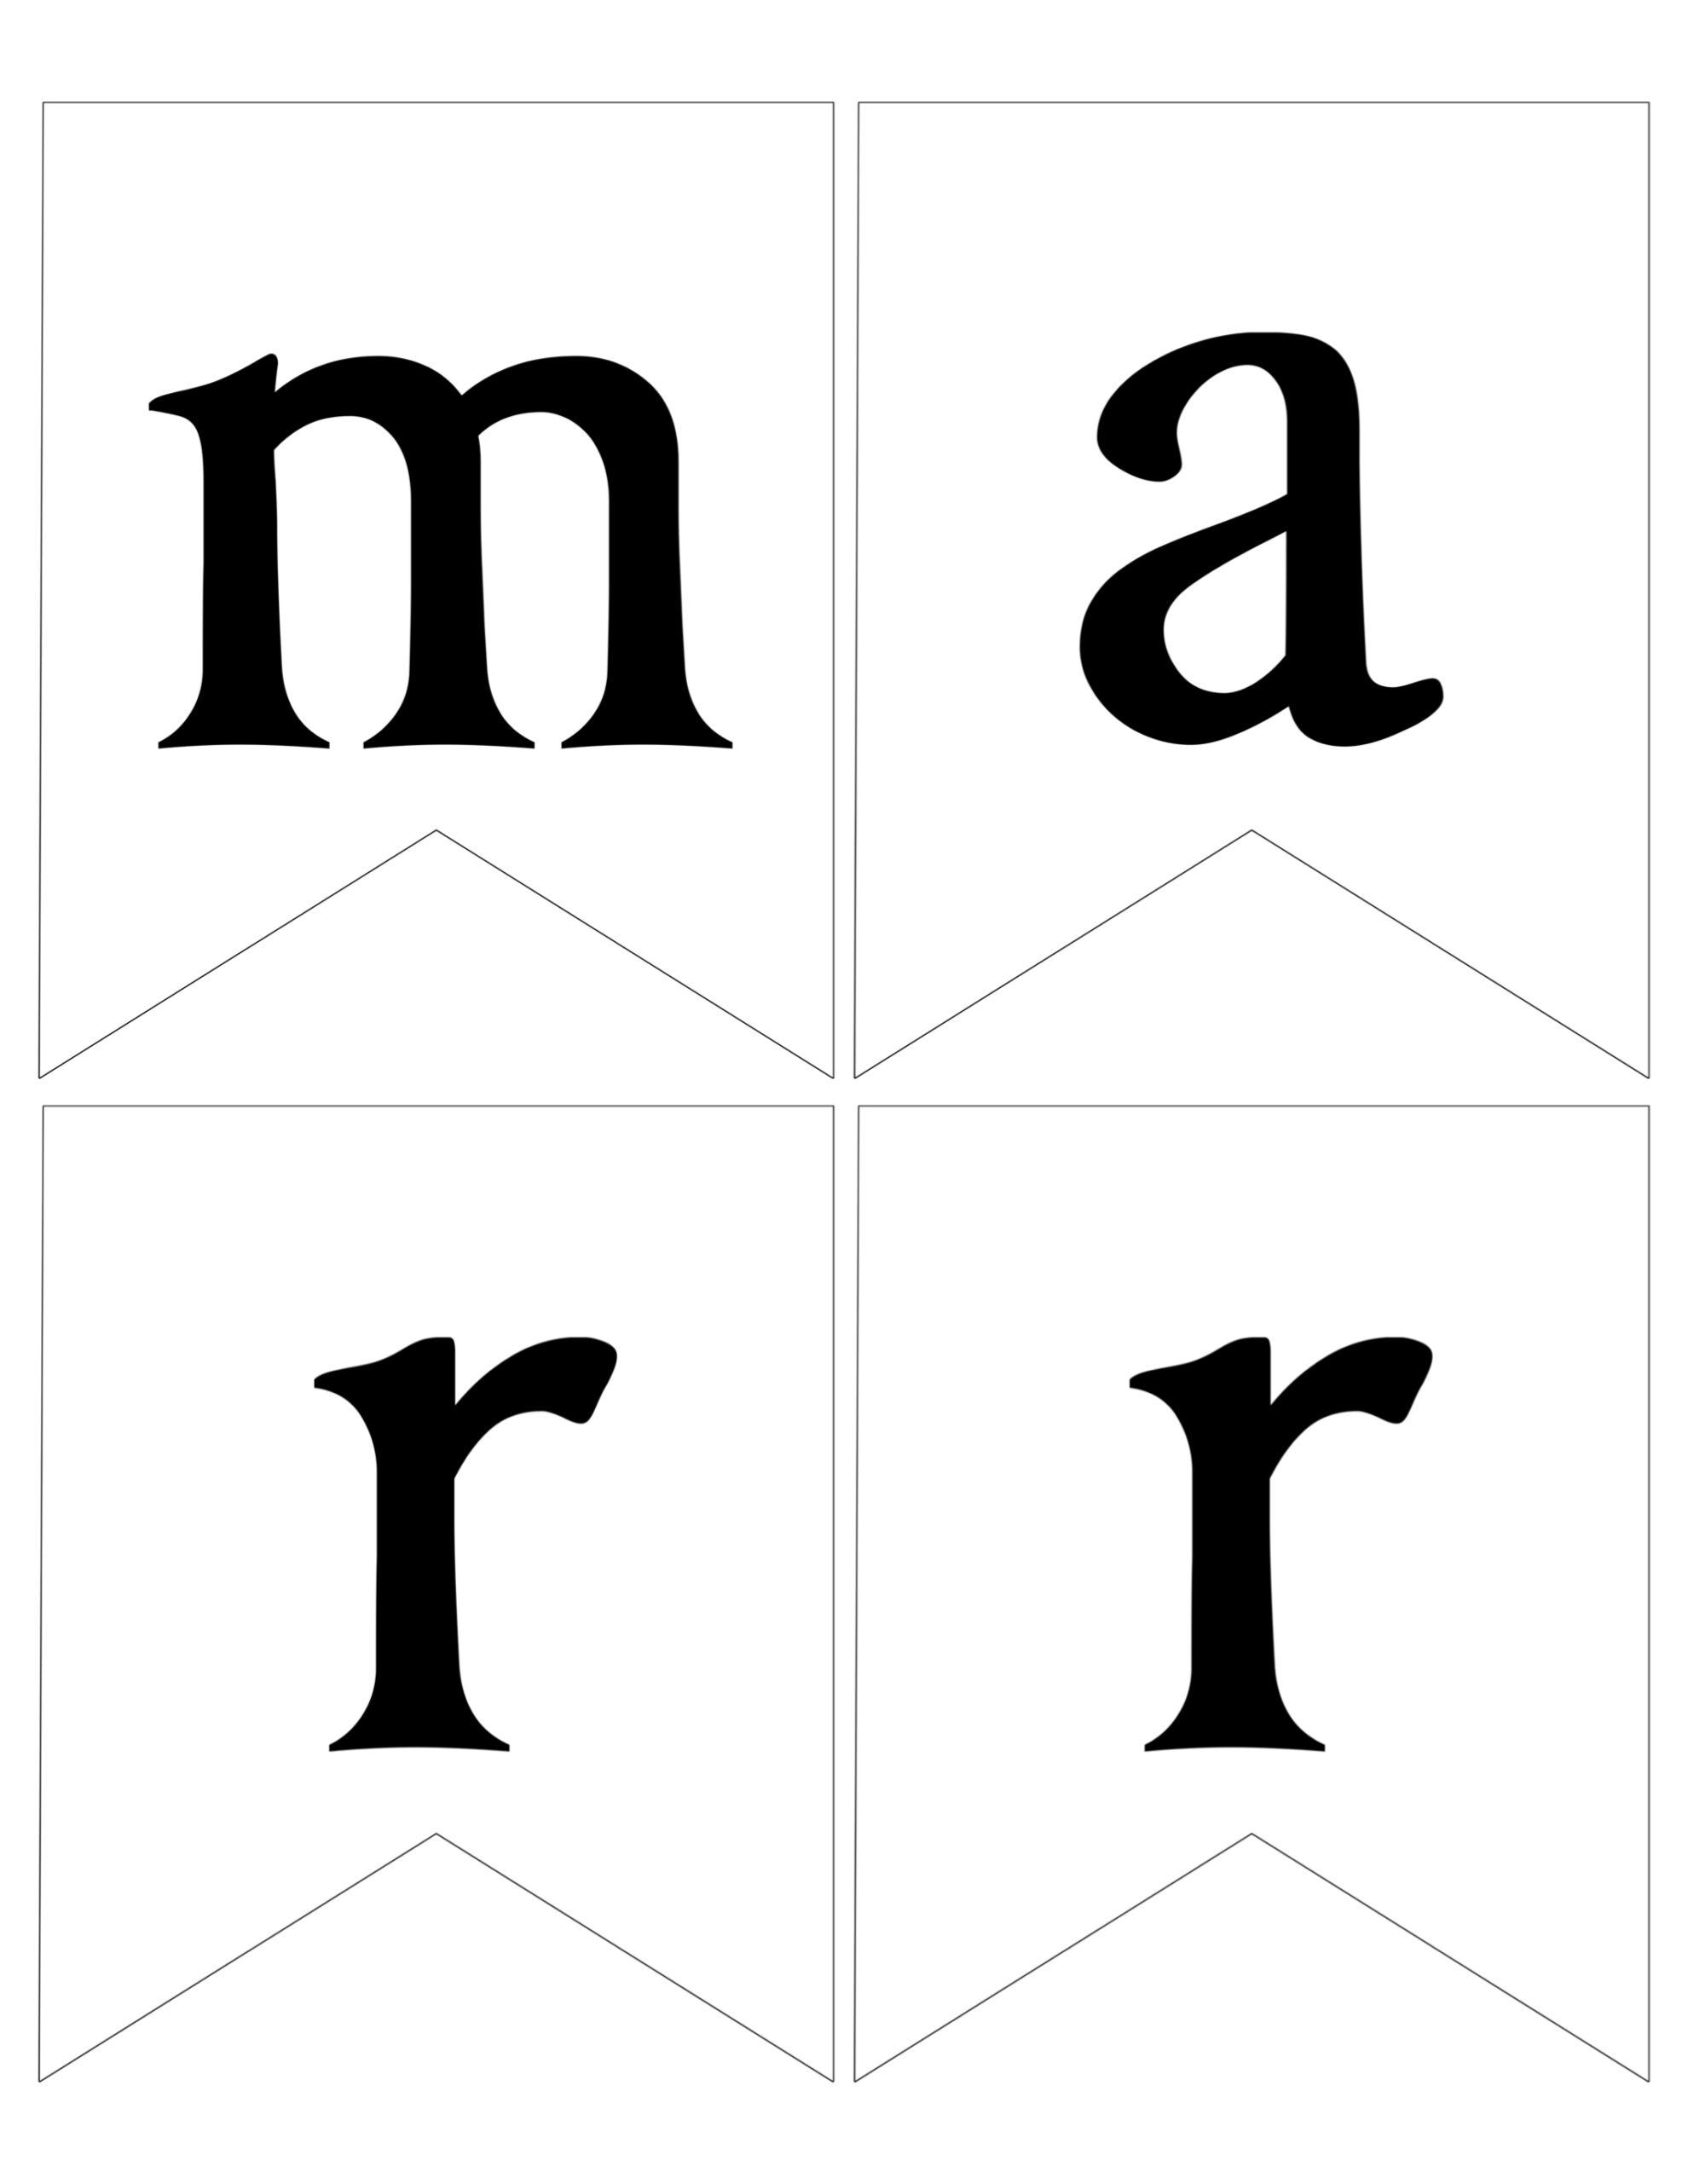 i1.wp.com/www.papertraildesign.com/wp-content/uplo...